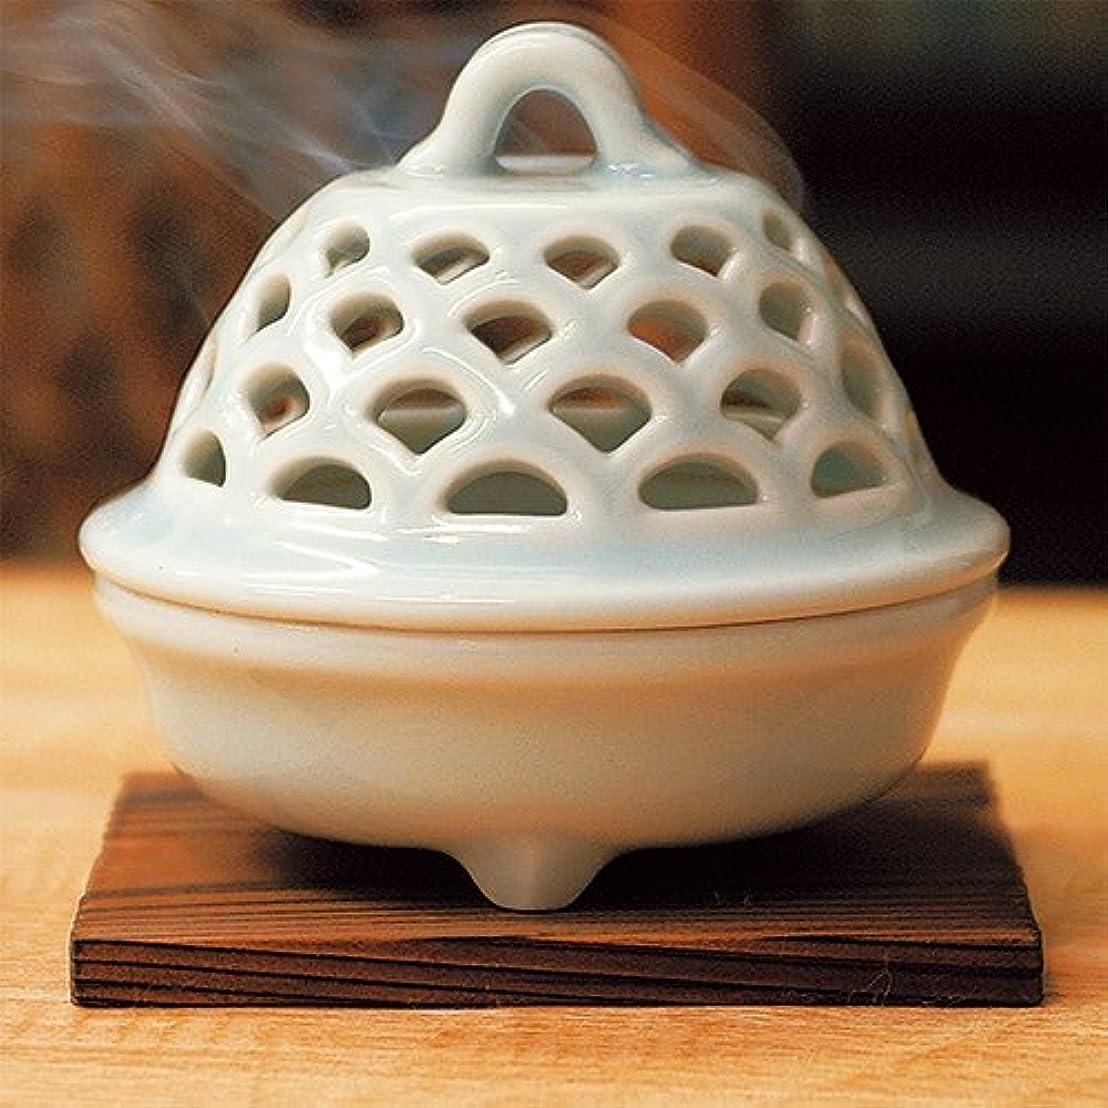 プーノめ言葉単に香炉 青磁 透し彫り 香炉 [R9.5xH9cm] プレゼント ギフト 和食器 かわいい インテリア